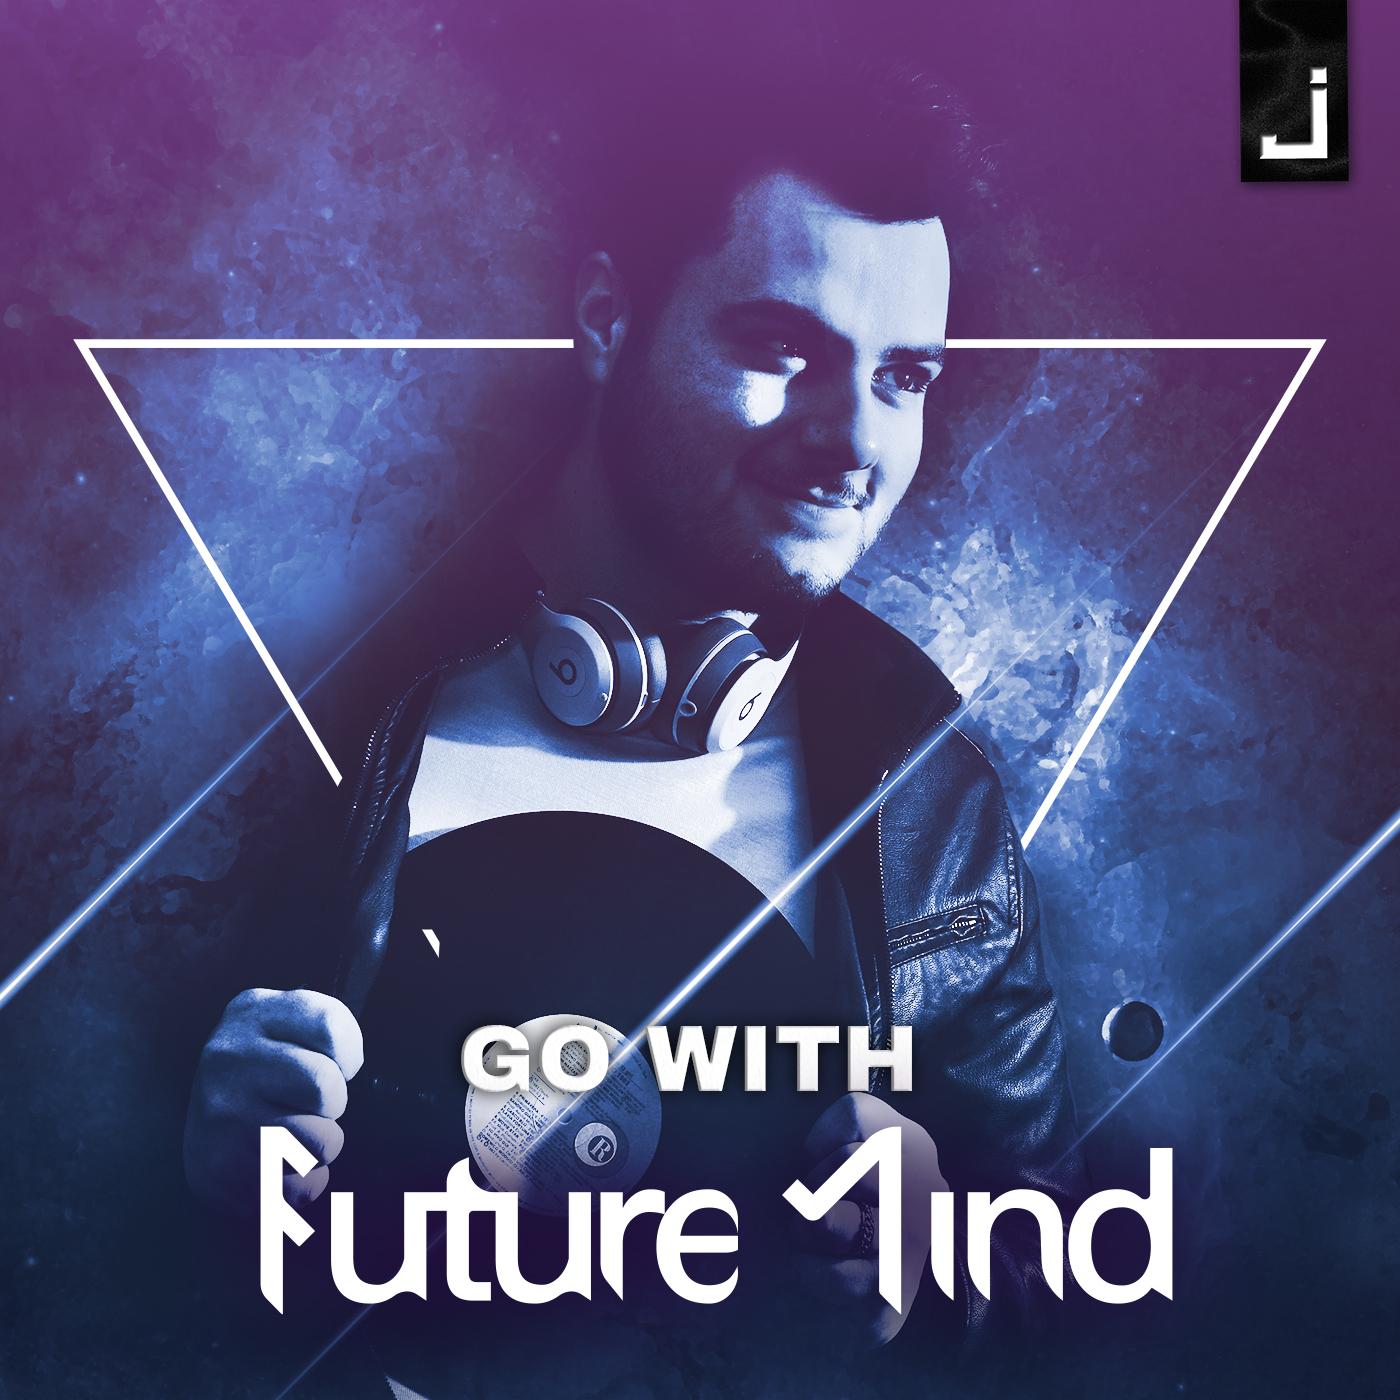 Future Mind, dopo l'album ecco la compilation